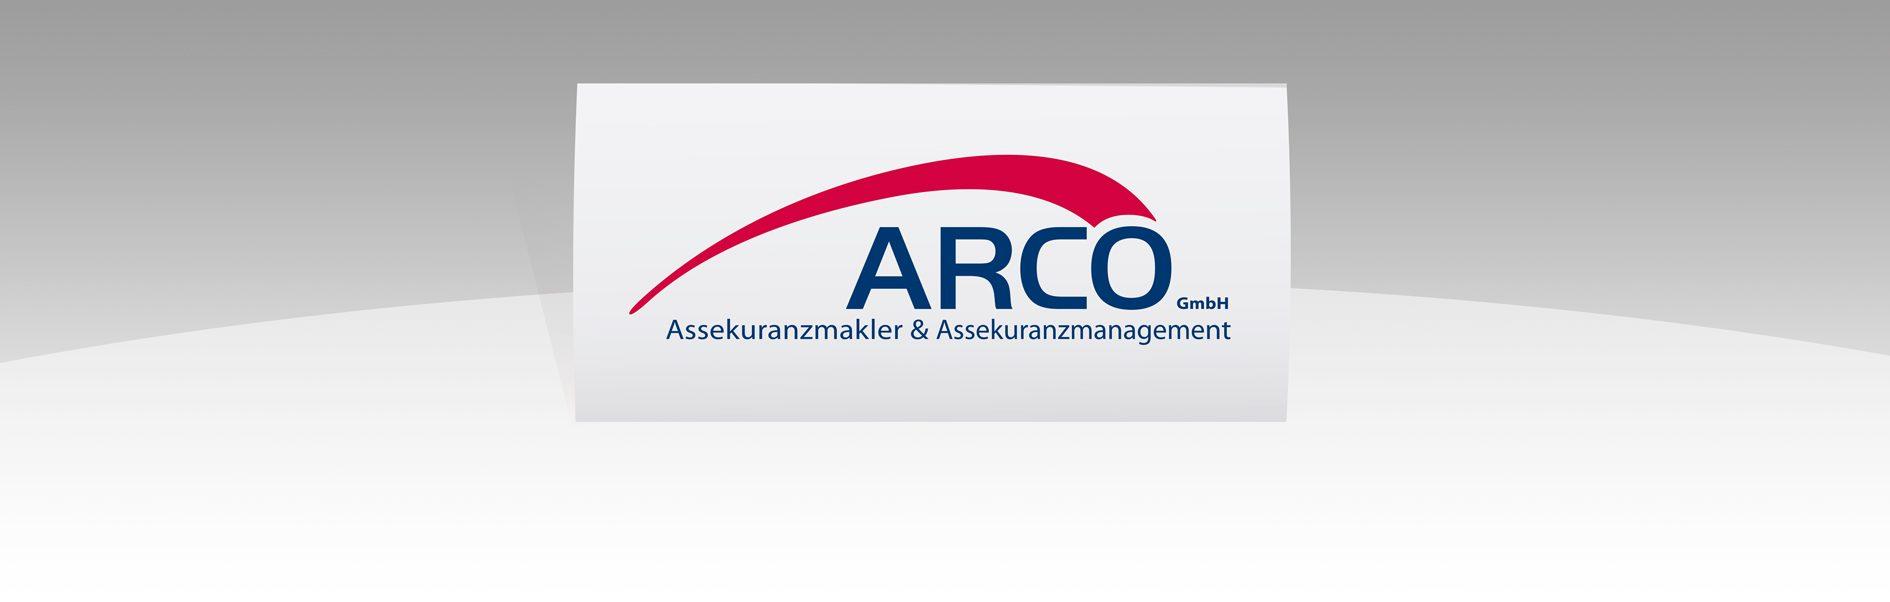 Hier ist das Logo von Arco zu sehen.